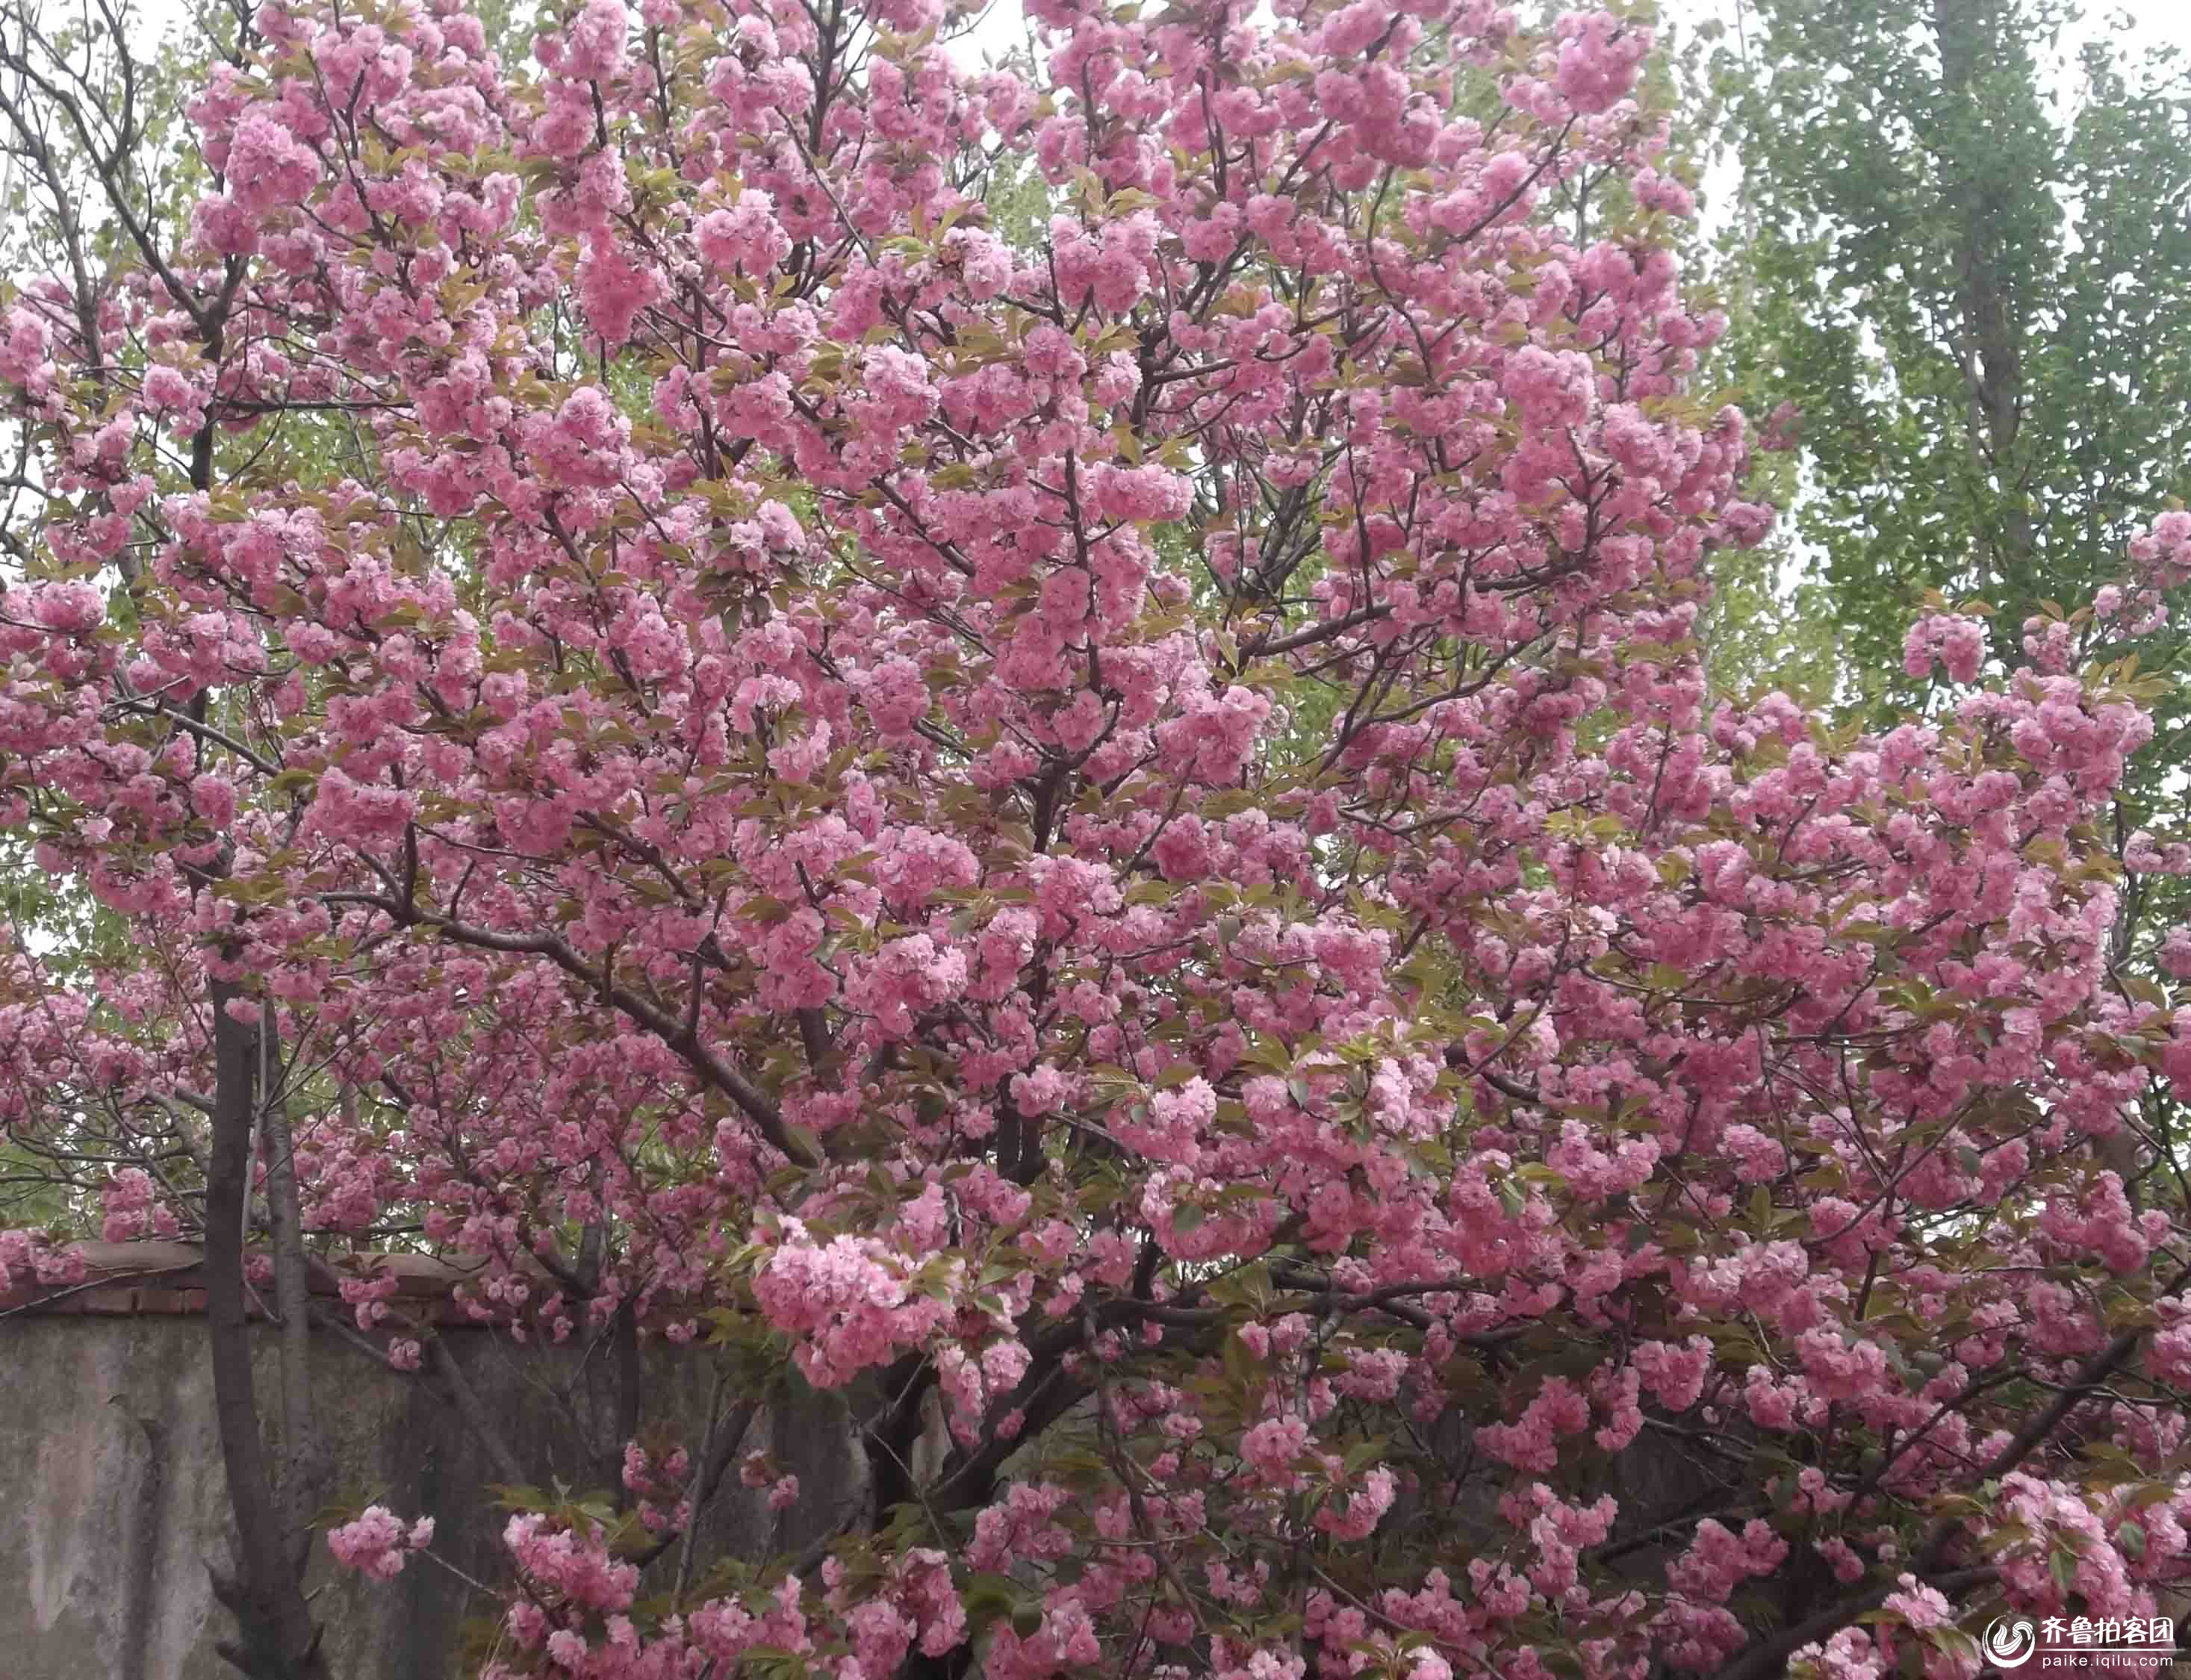 作为春天的象征,在春天樱树上会开出由白色,淡红色转变成深红色的花.